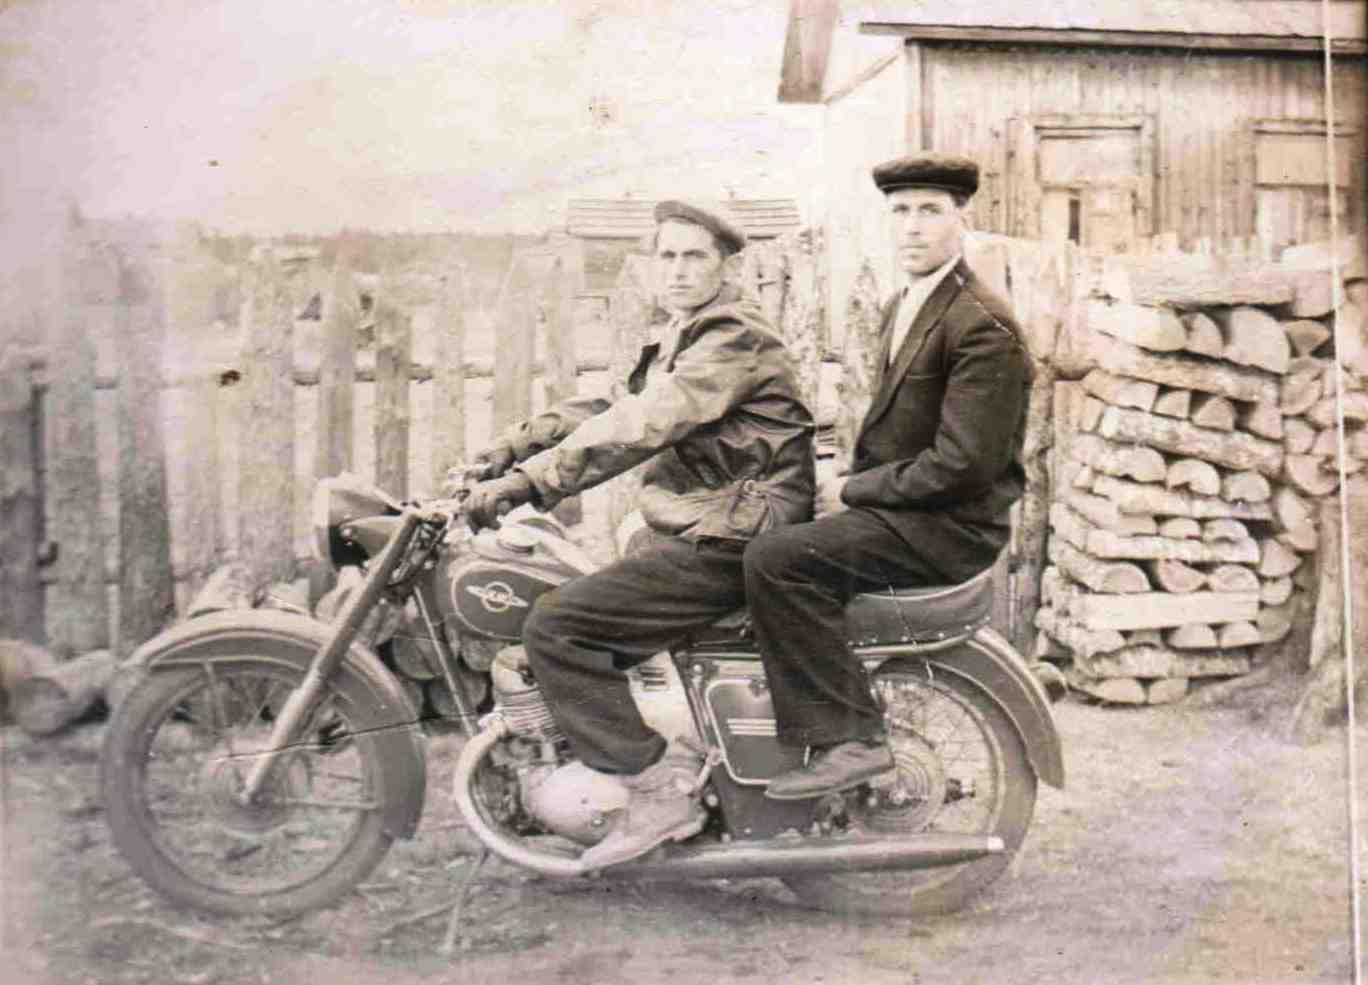 Мотоцикл. Осьмаков Н.А. (сзади).